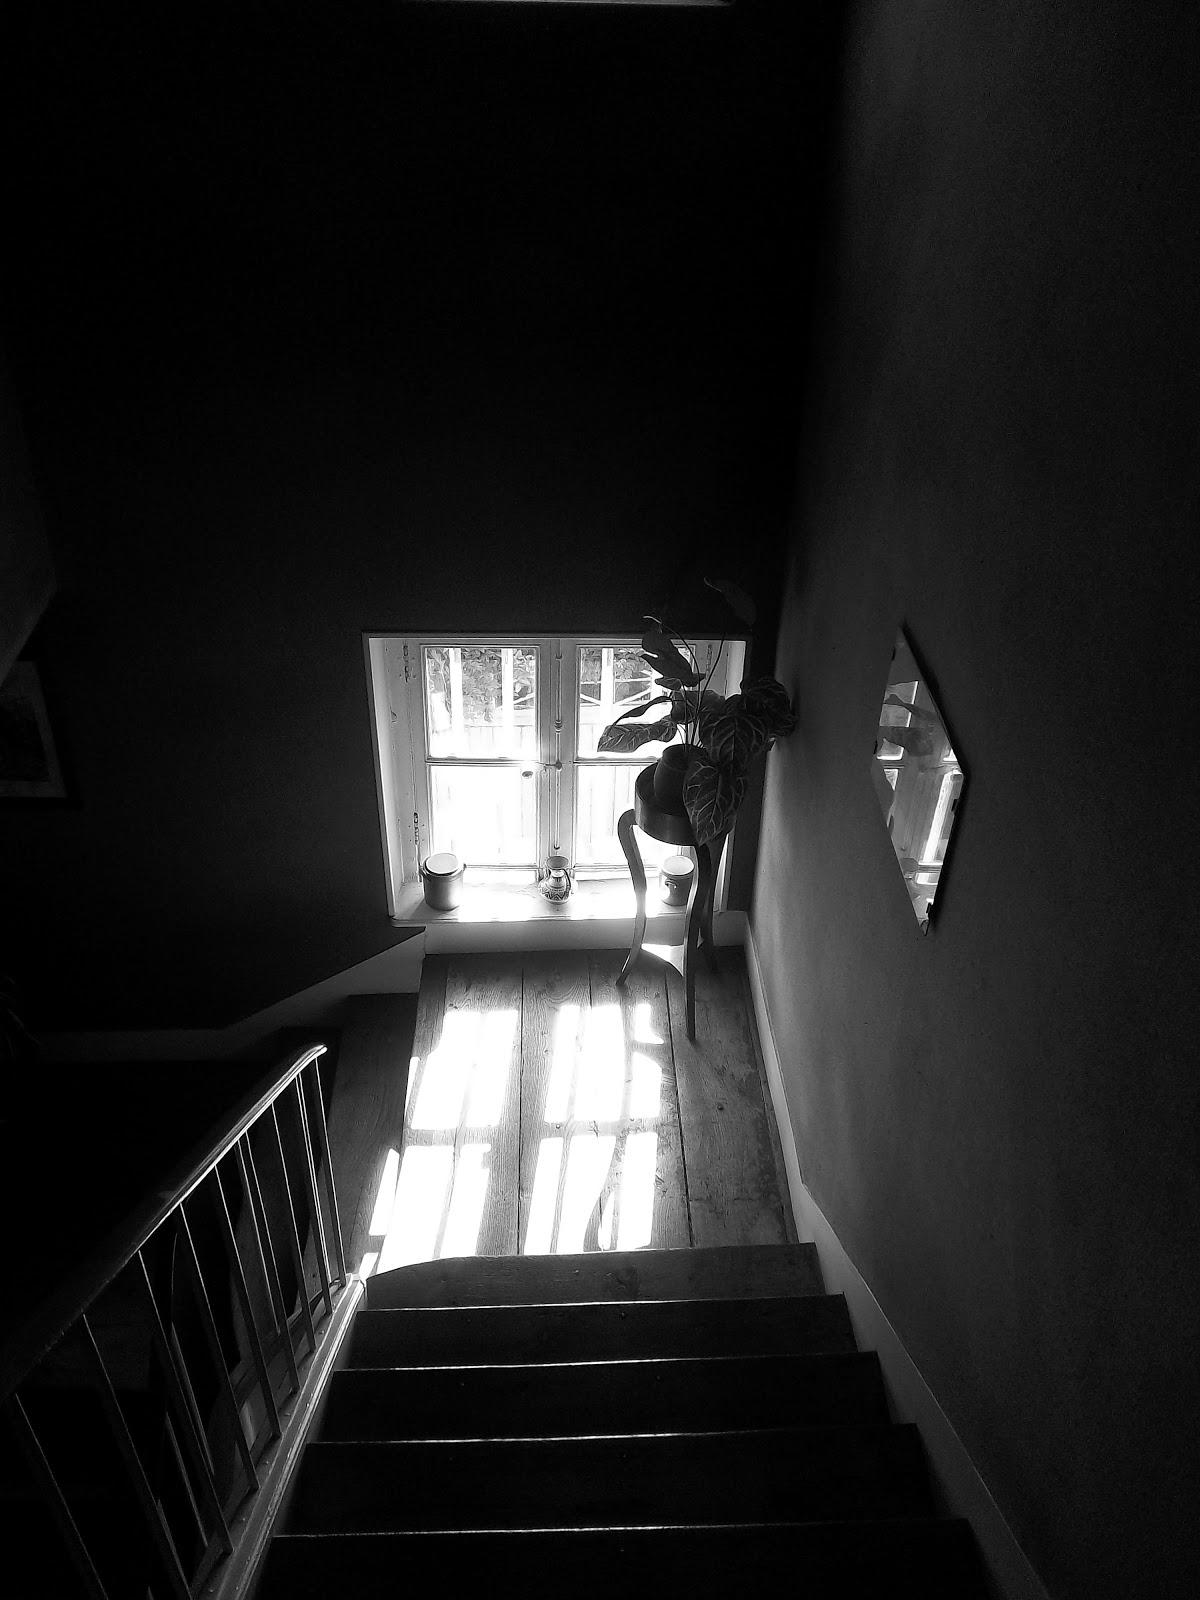 sc ne d 39 int rieur les escaliers. Black Bedroom Furniture Sets. Home Design Ideas